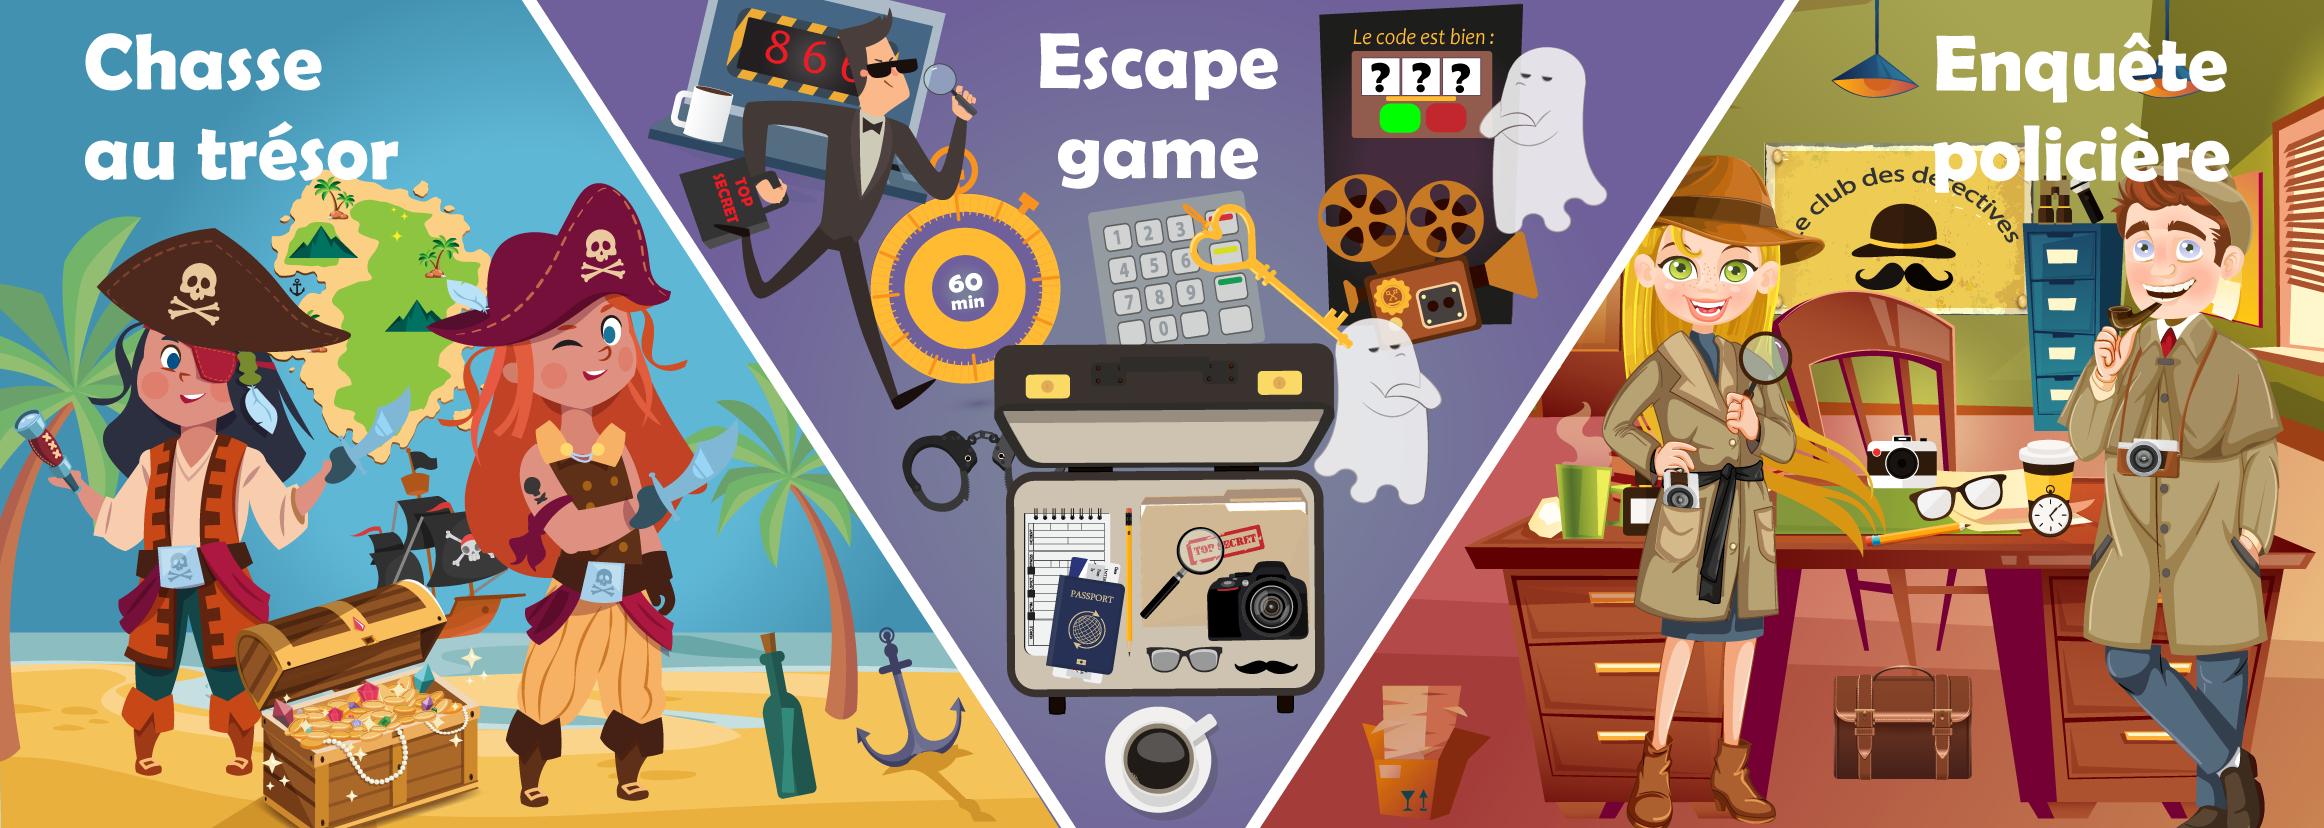 Jeux À Imprimer Ludiques Pour Les Enfants De 4 À 10 Ans concernant Jeux 4 Ans Gratuit